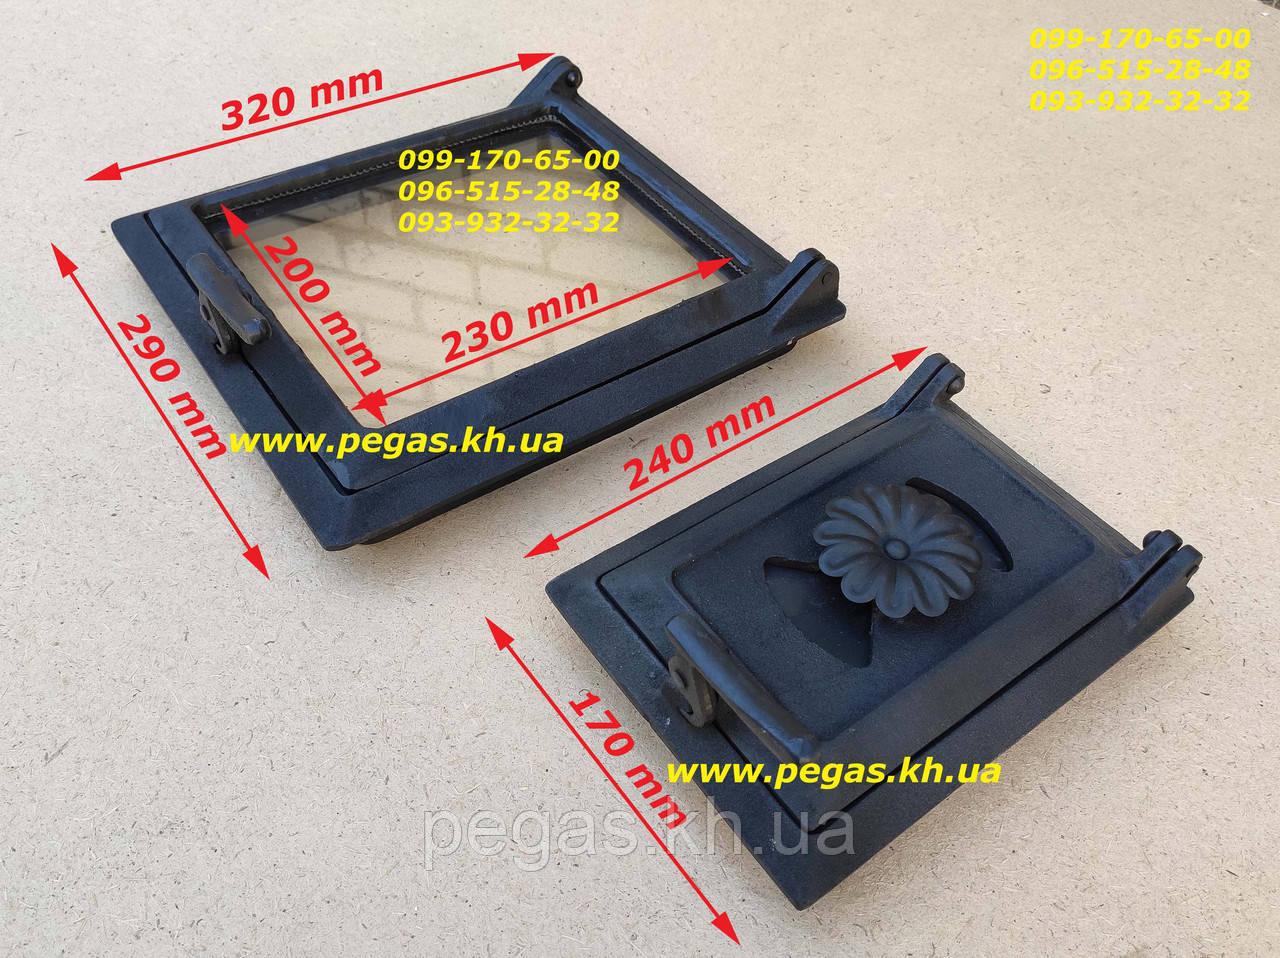 Дверки чугунные с огнеупорным стеклом + поддувальная зольная (комплект)